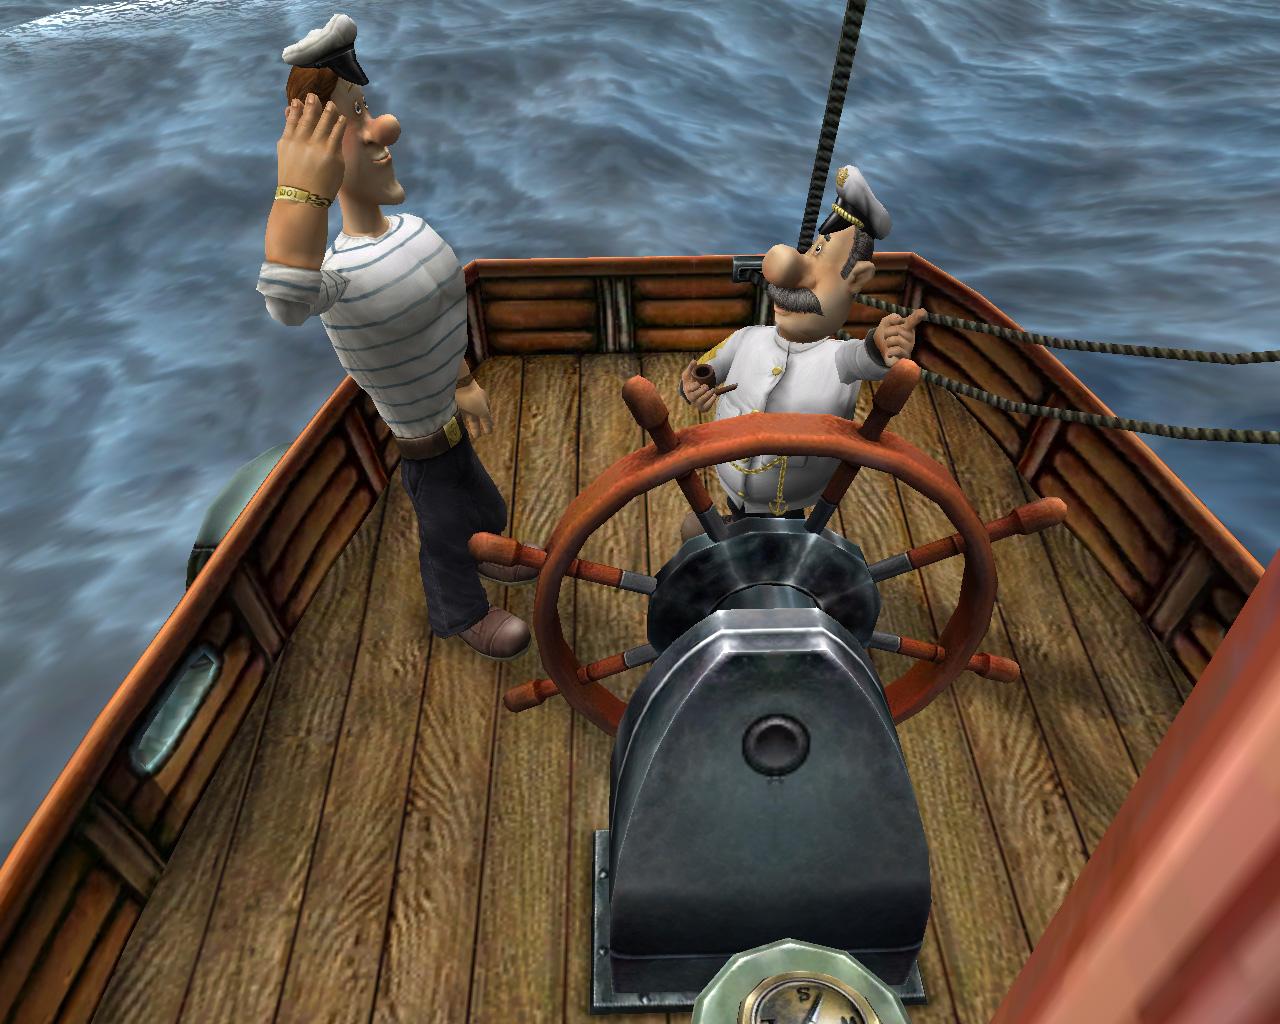 Приключения капитана врунгеля смотреть онлайн бесплатно 16 фотография